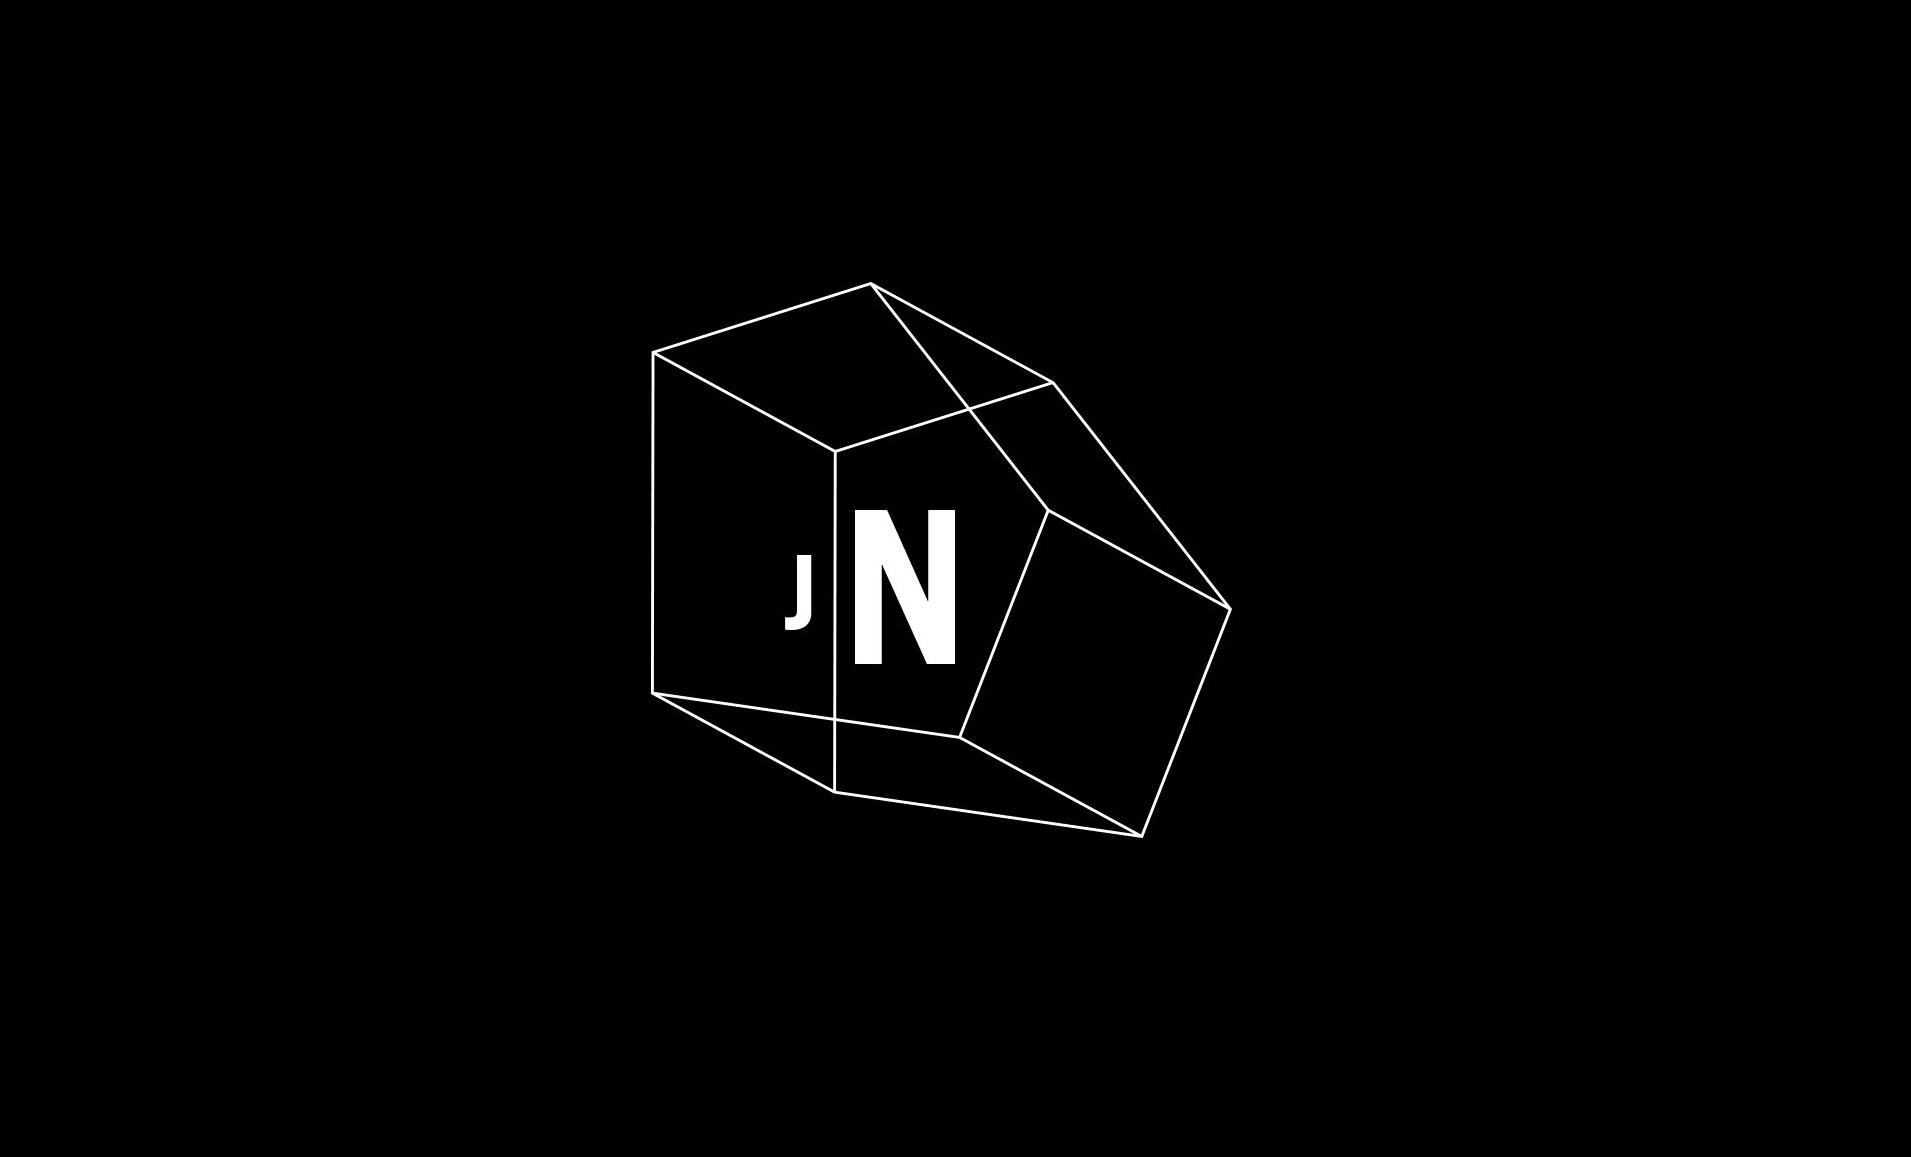 Geometric line logo for Jefferey Newbury